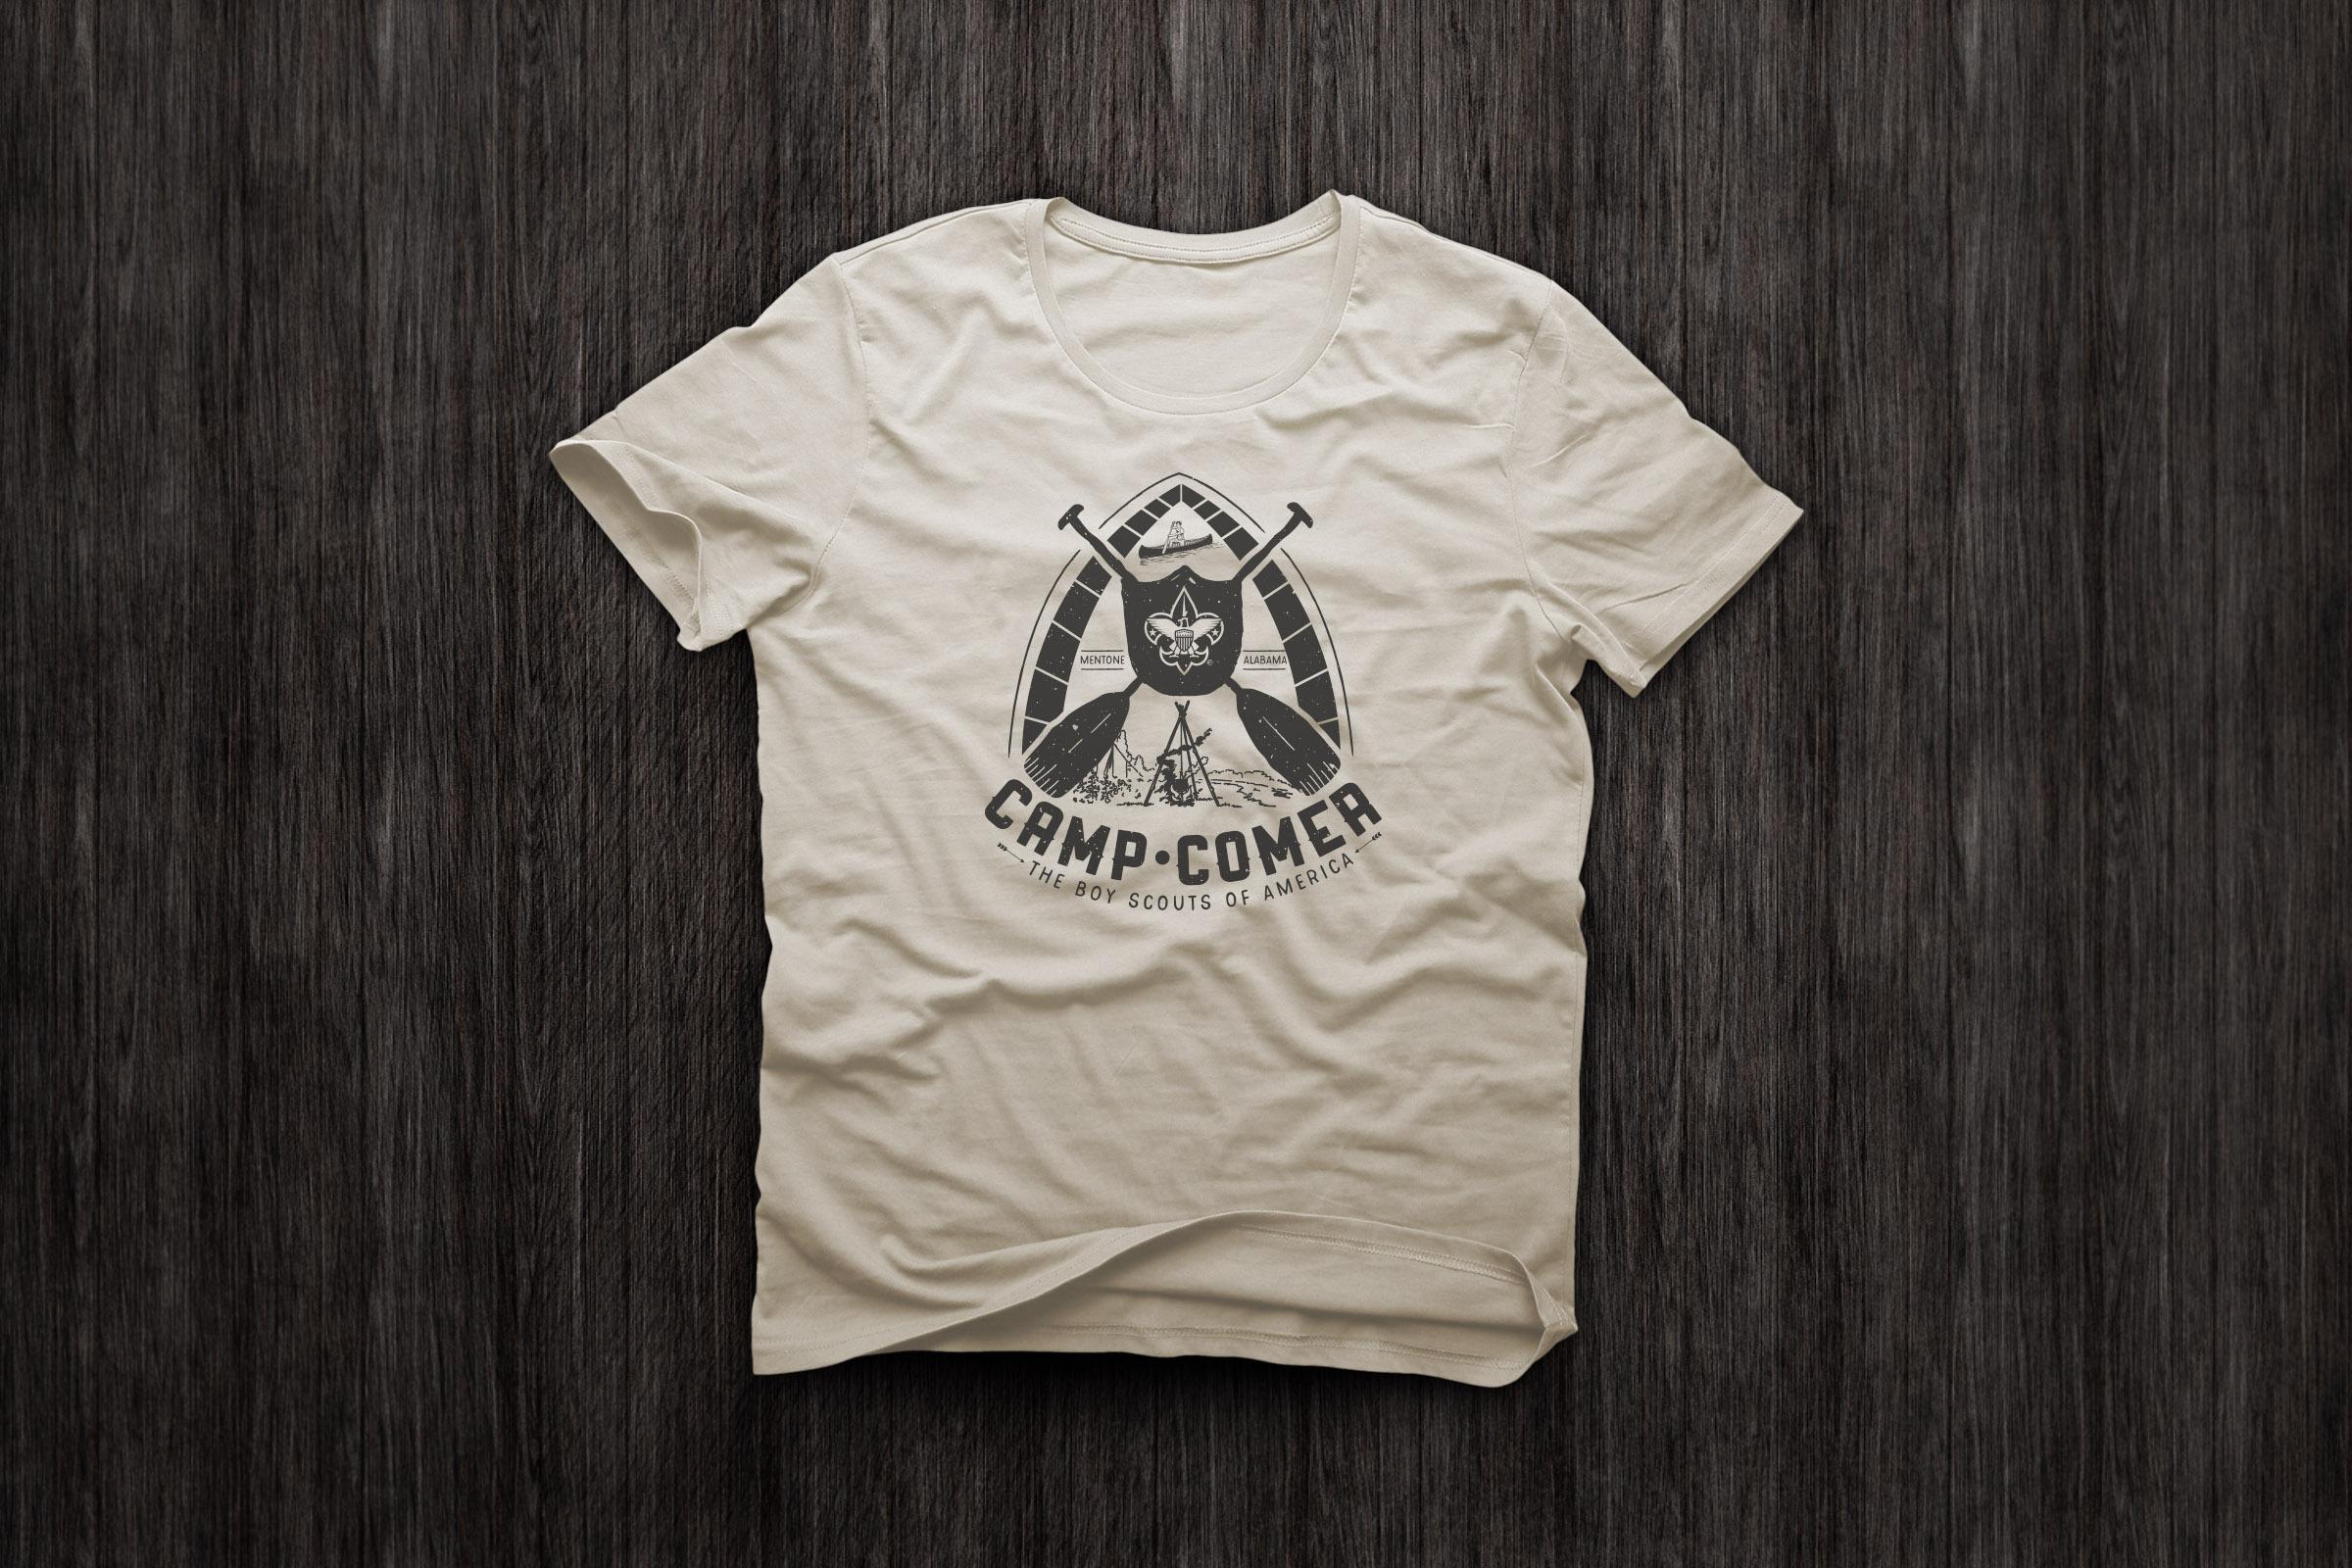 CampComer_Tshirt1.jpg